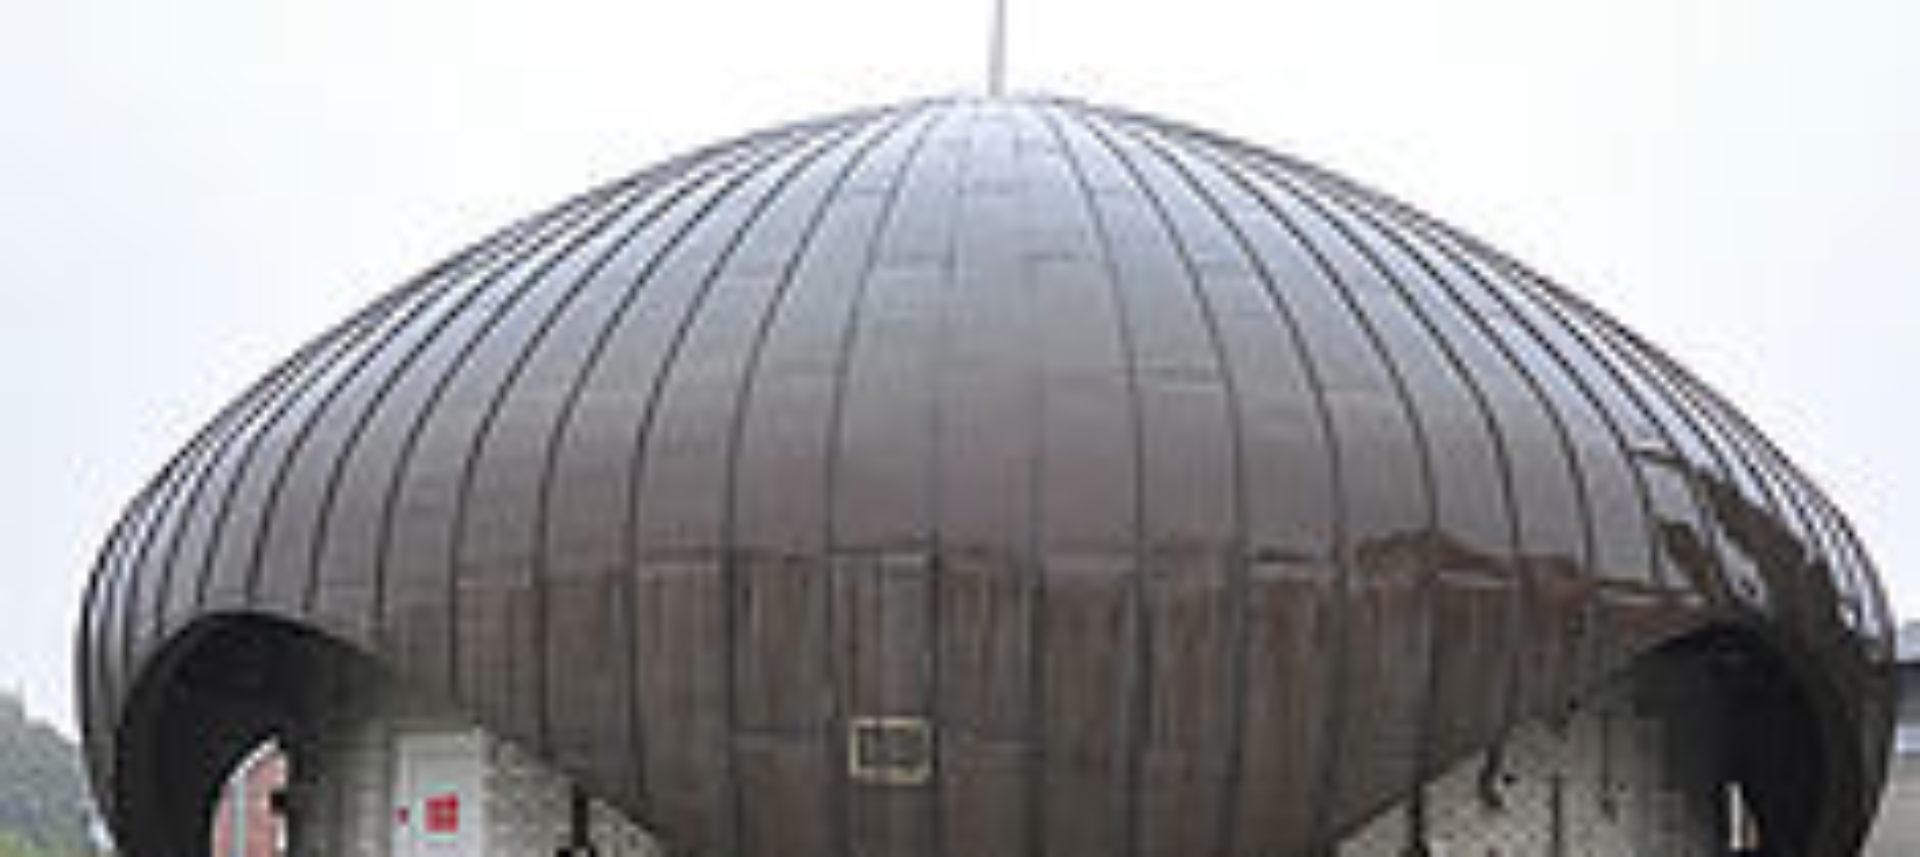 Islams Ahmadiyya